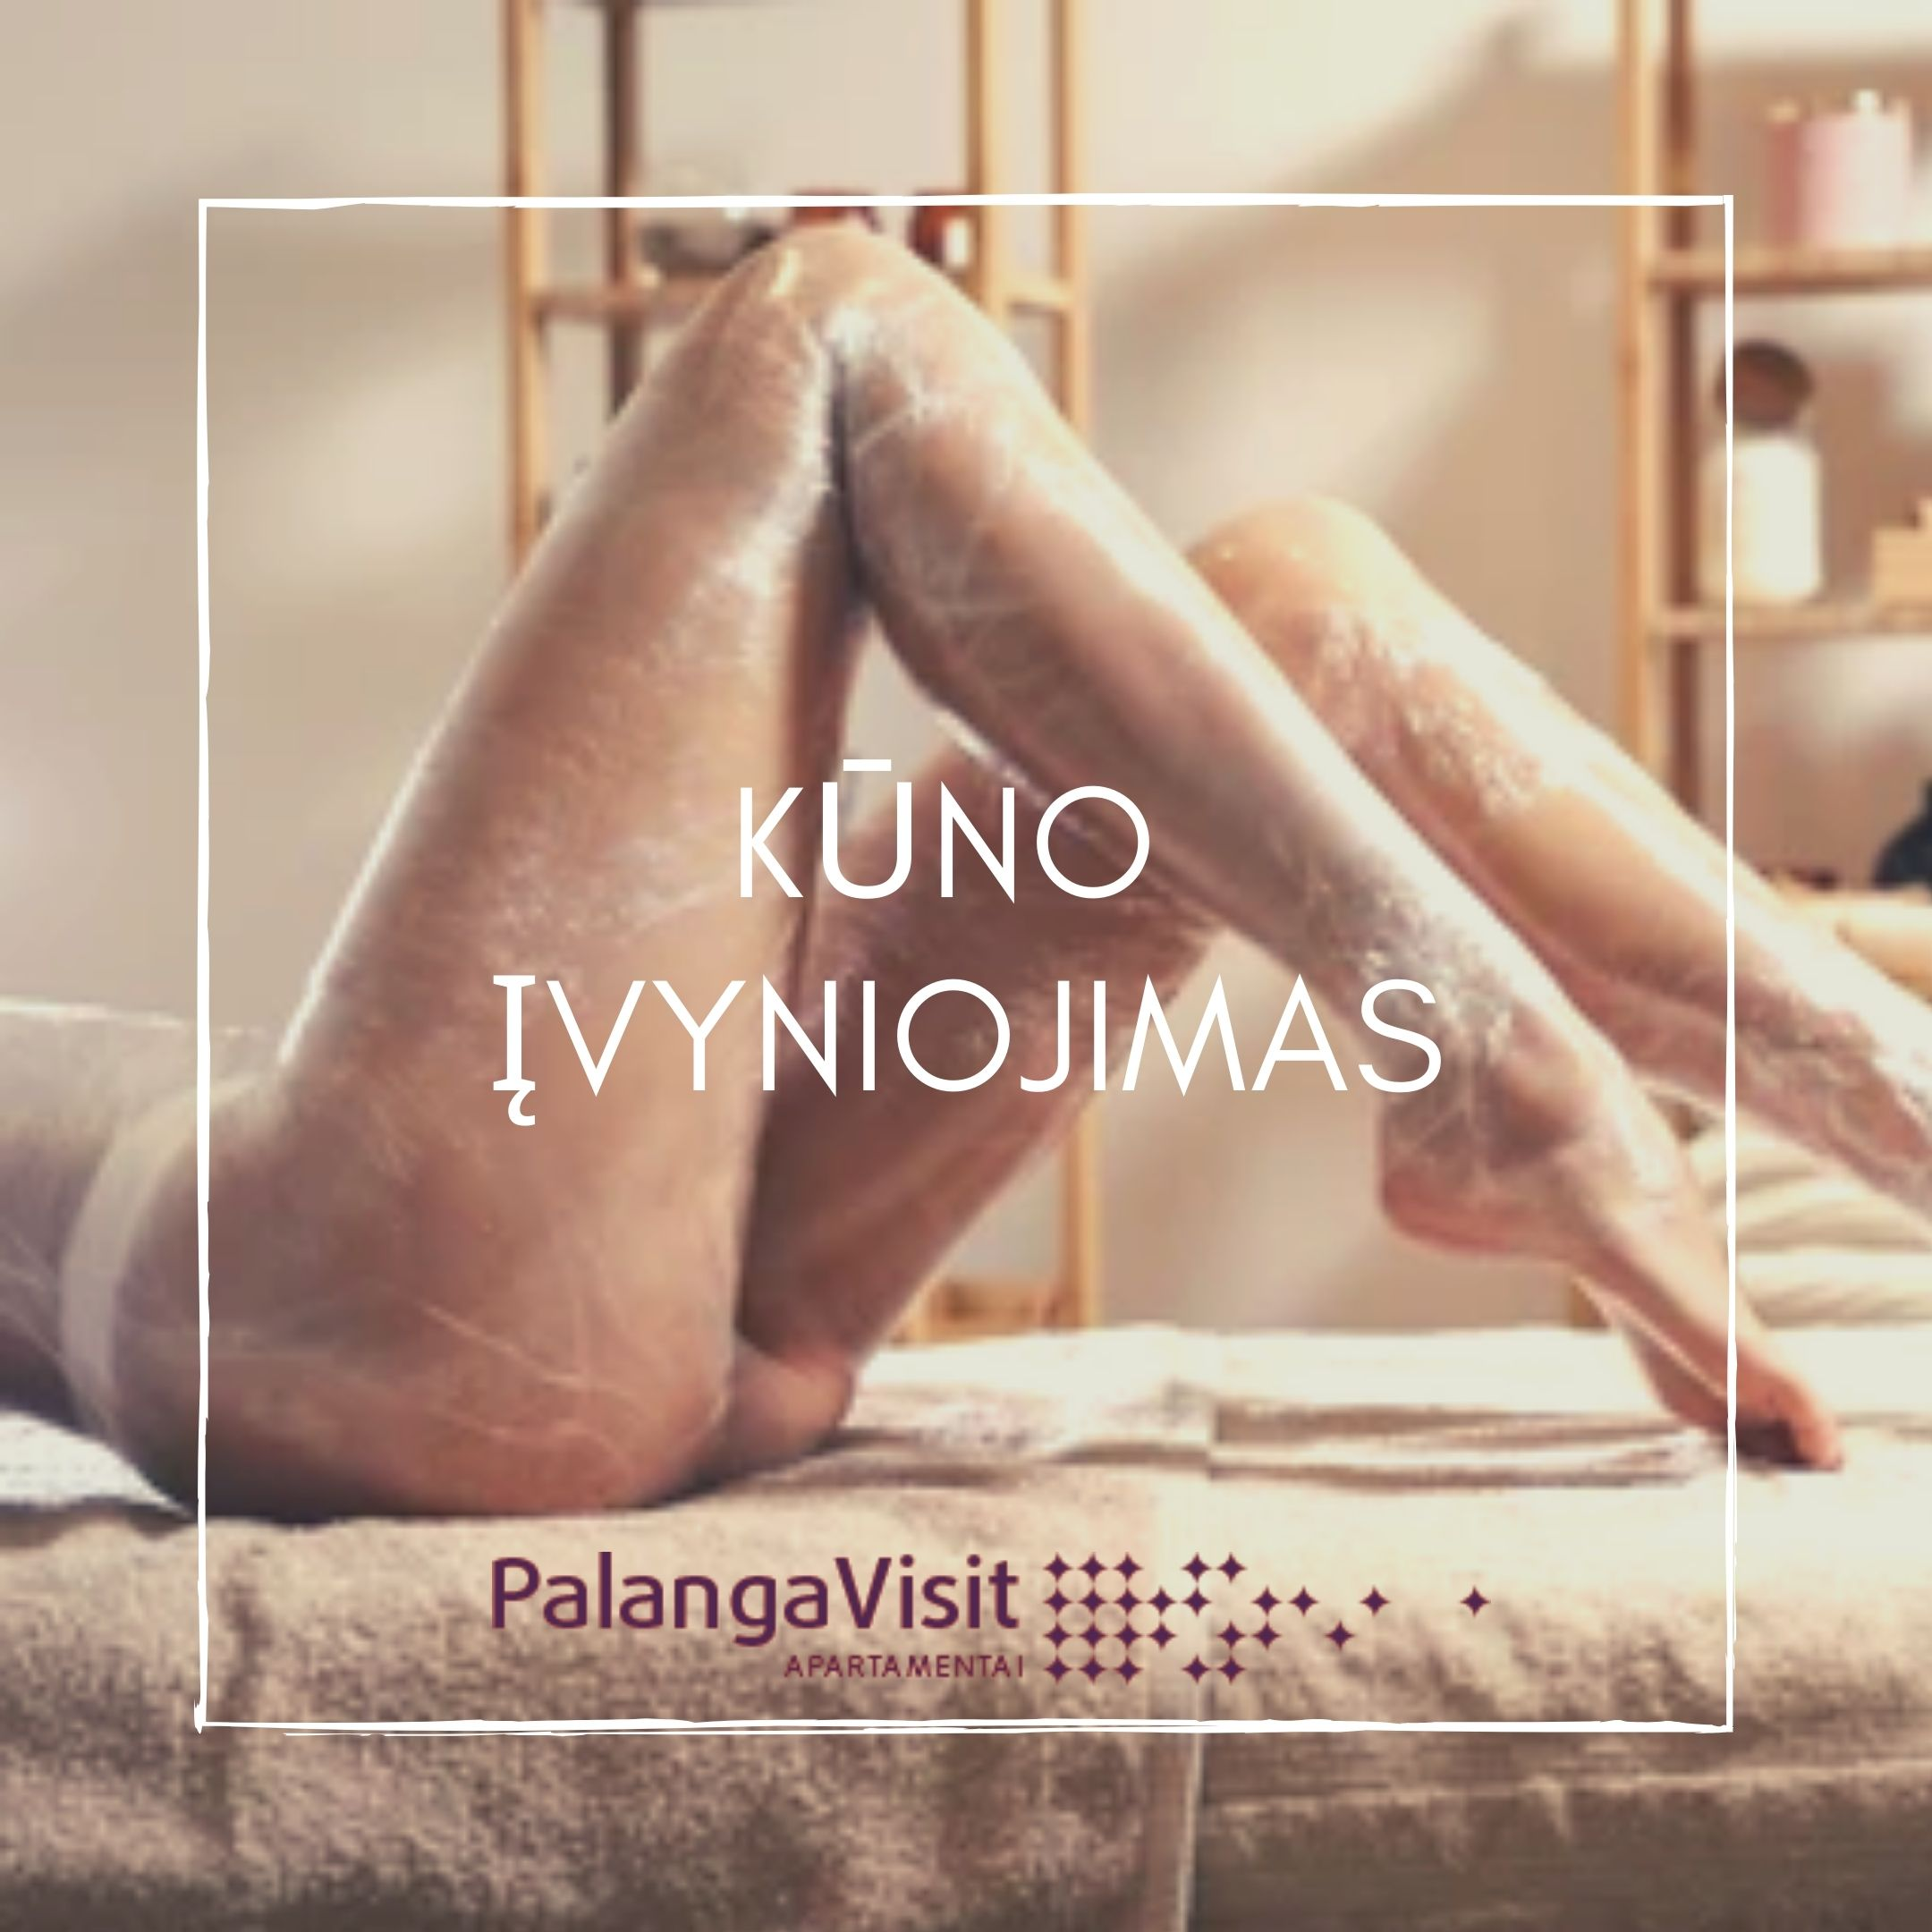 SPA paslaugos Palangoje, masažai, grožio procedūros PALANGA VISIT